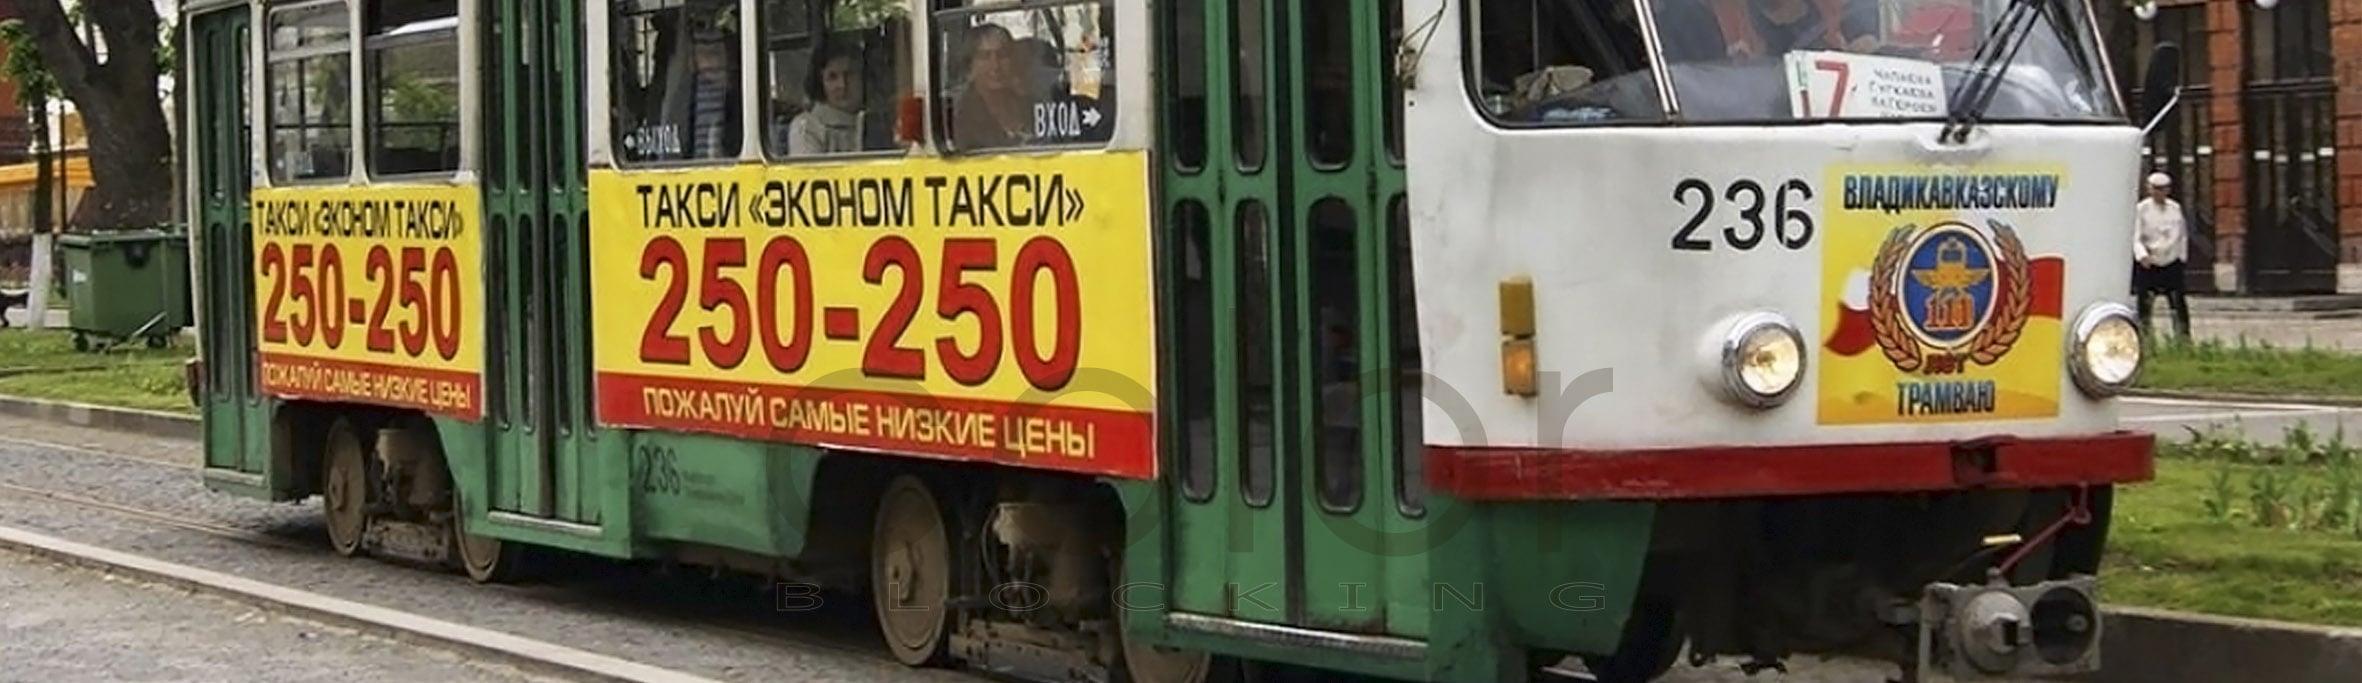 Реклама на трамваях в Владикавказе снаружи